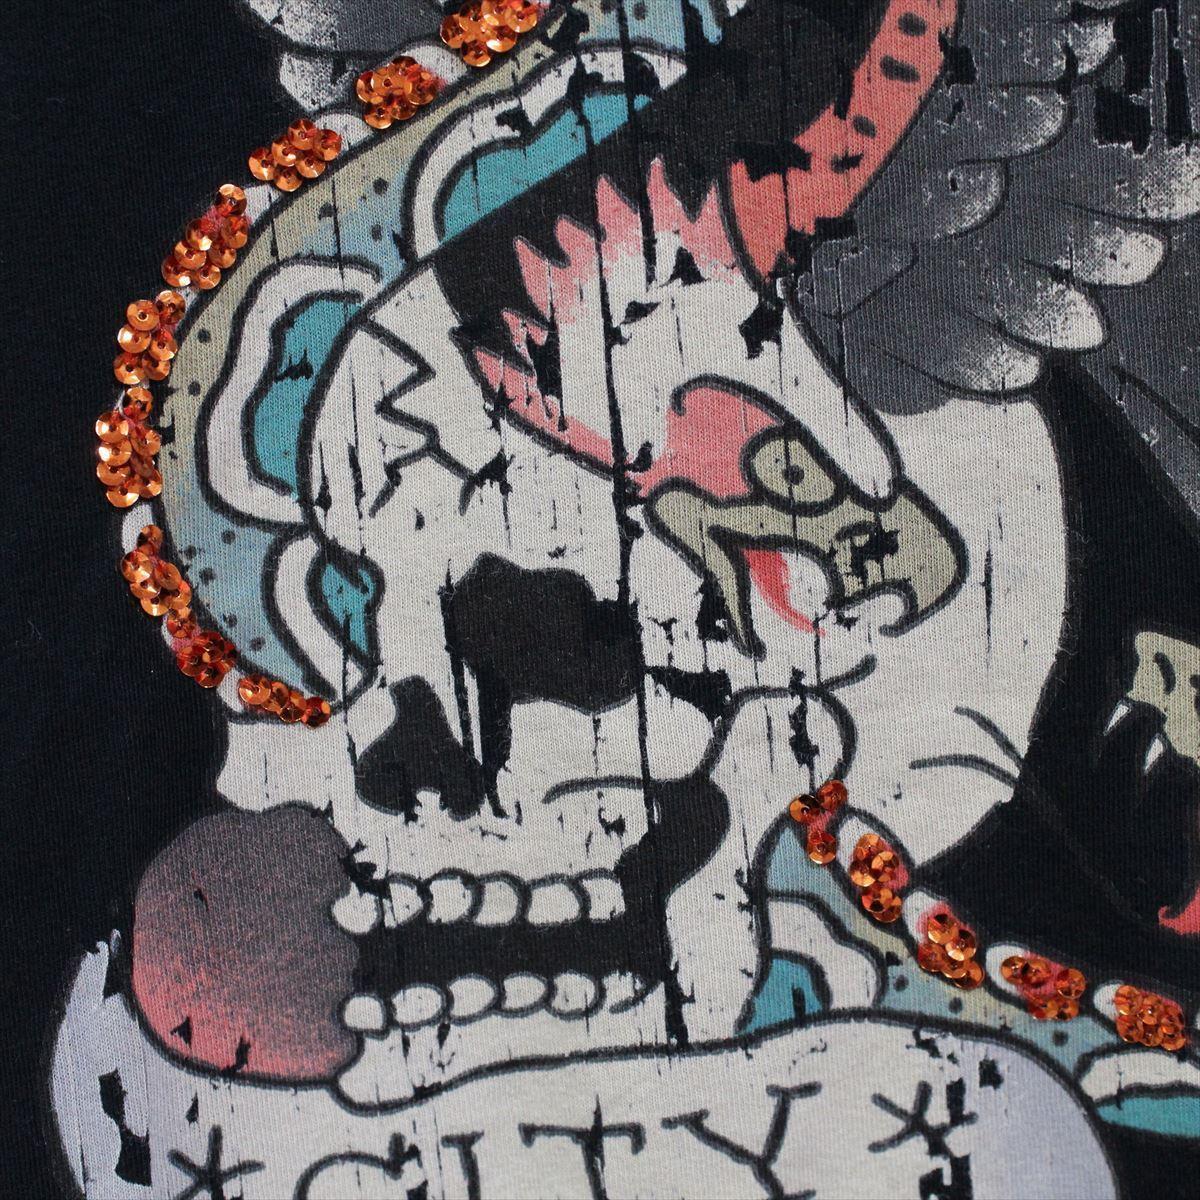 エドハーディー ED HARDY メンズ半袖Tシャツ ブラック Mサイズ NO18 新品 NEW YORK CITY_画像3